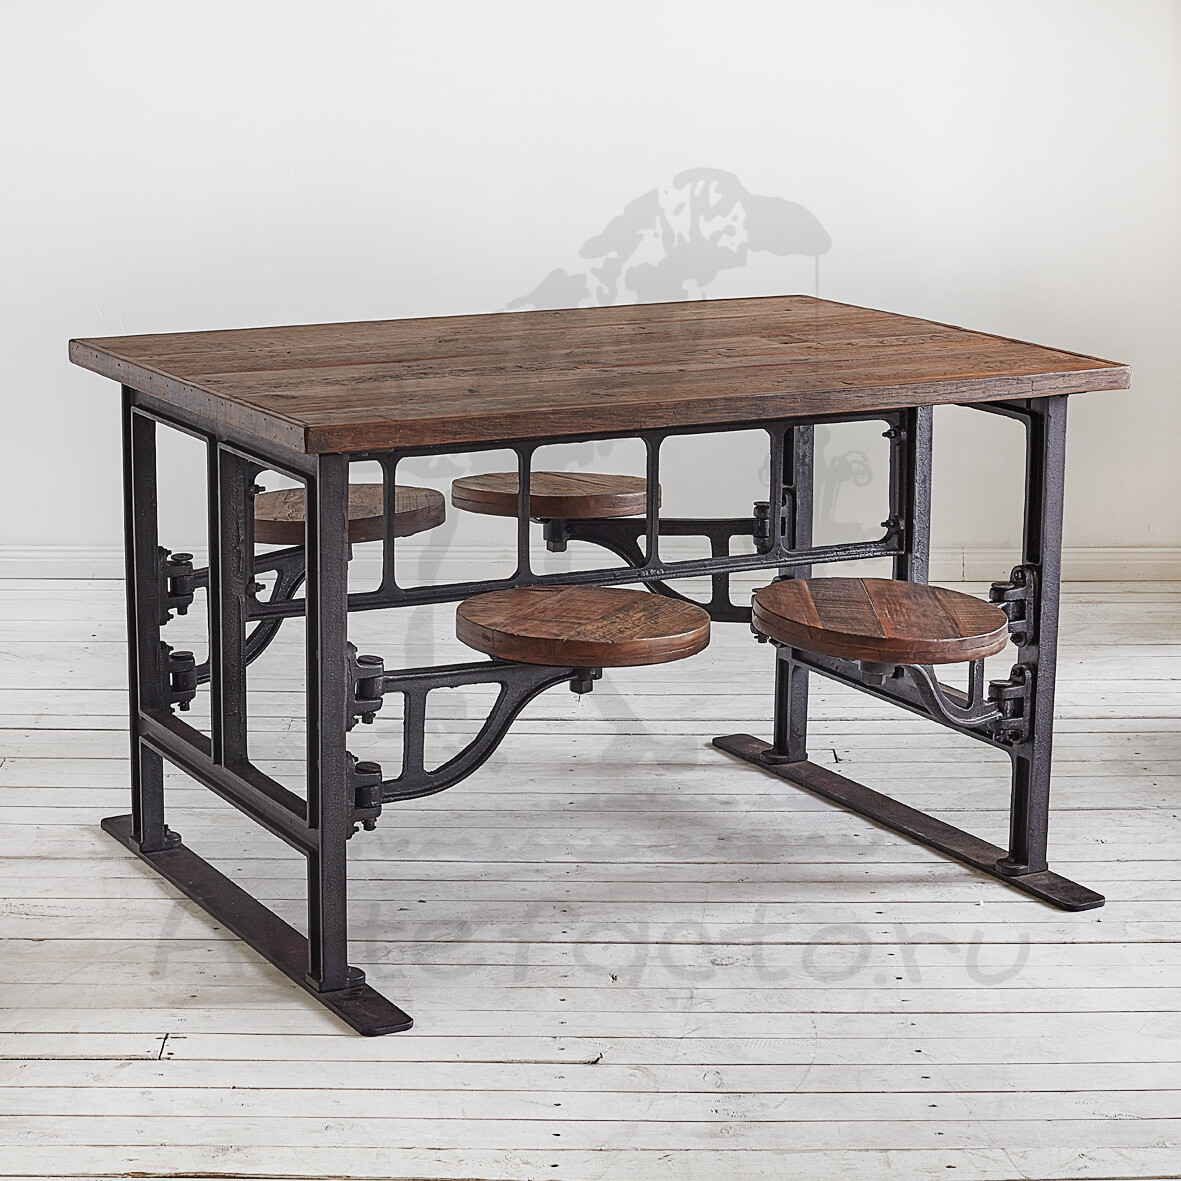 металлический стол Loft с табуретами